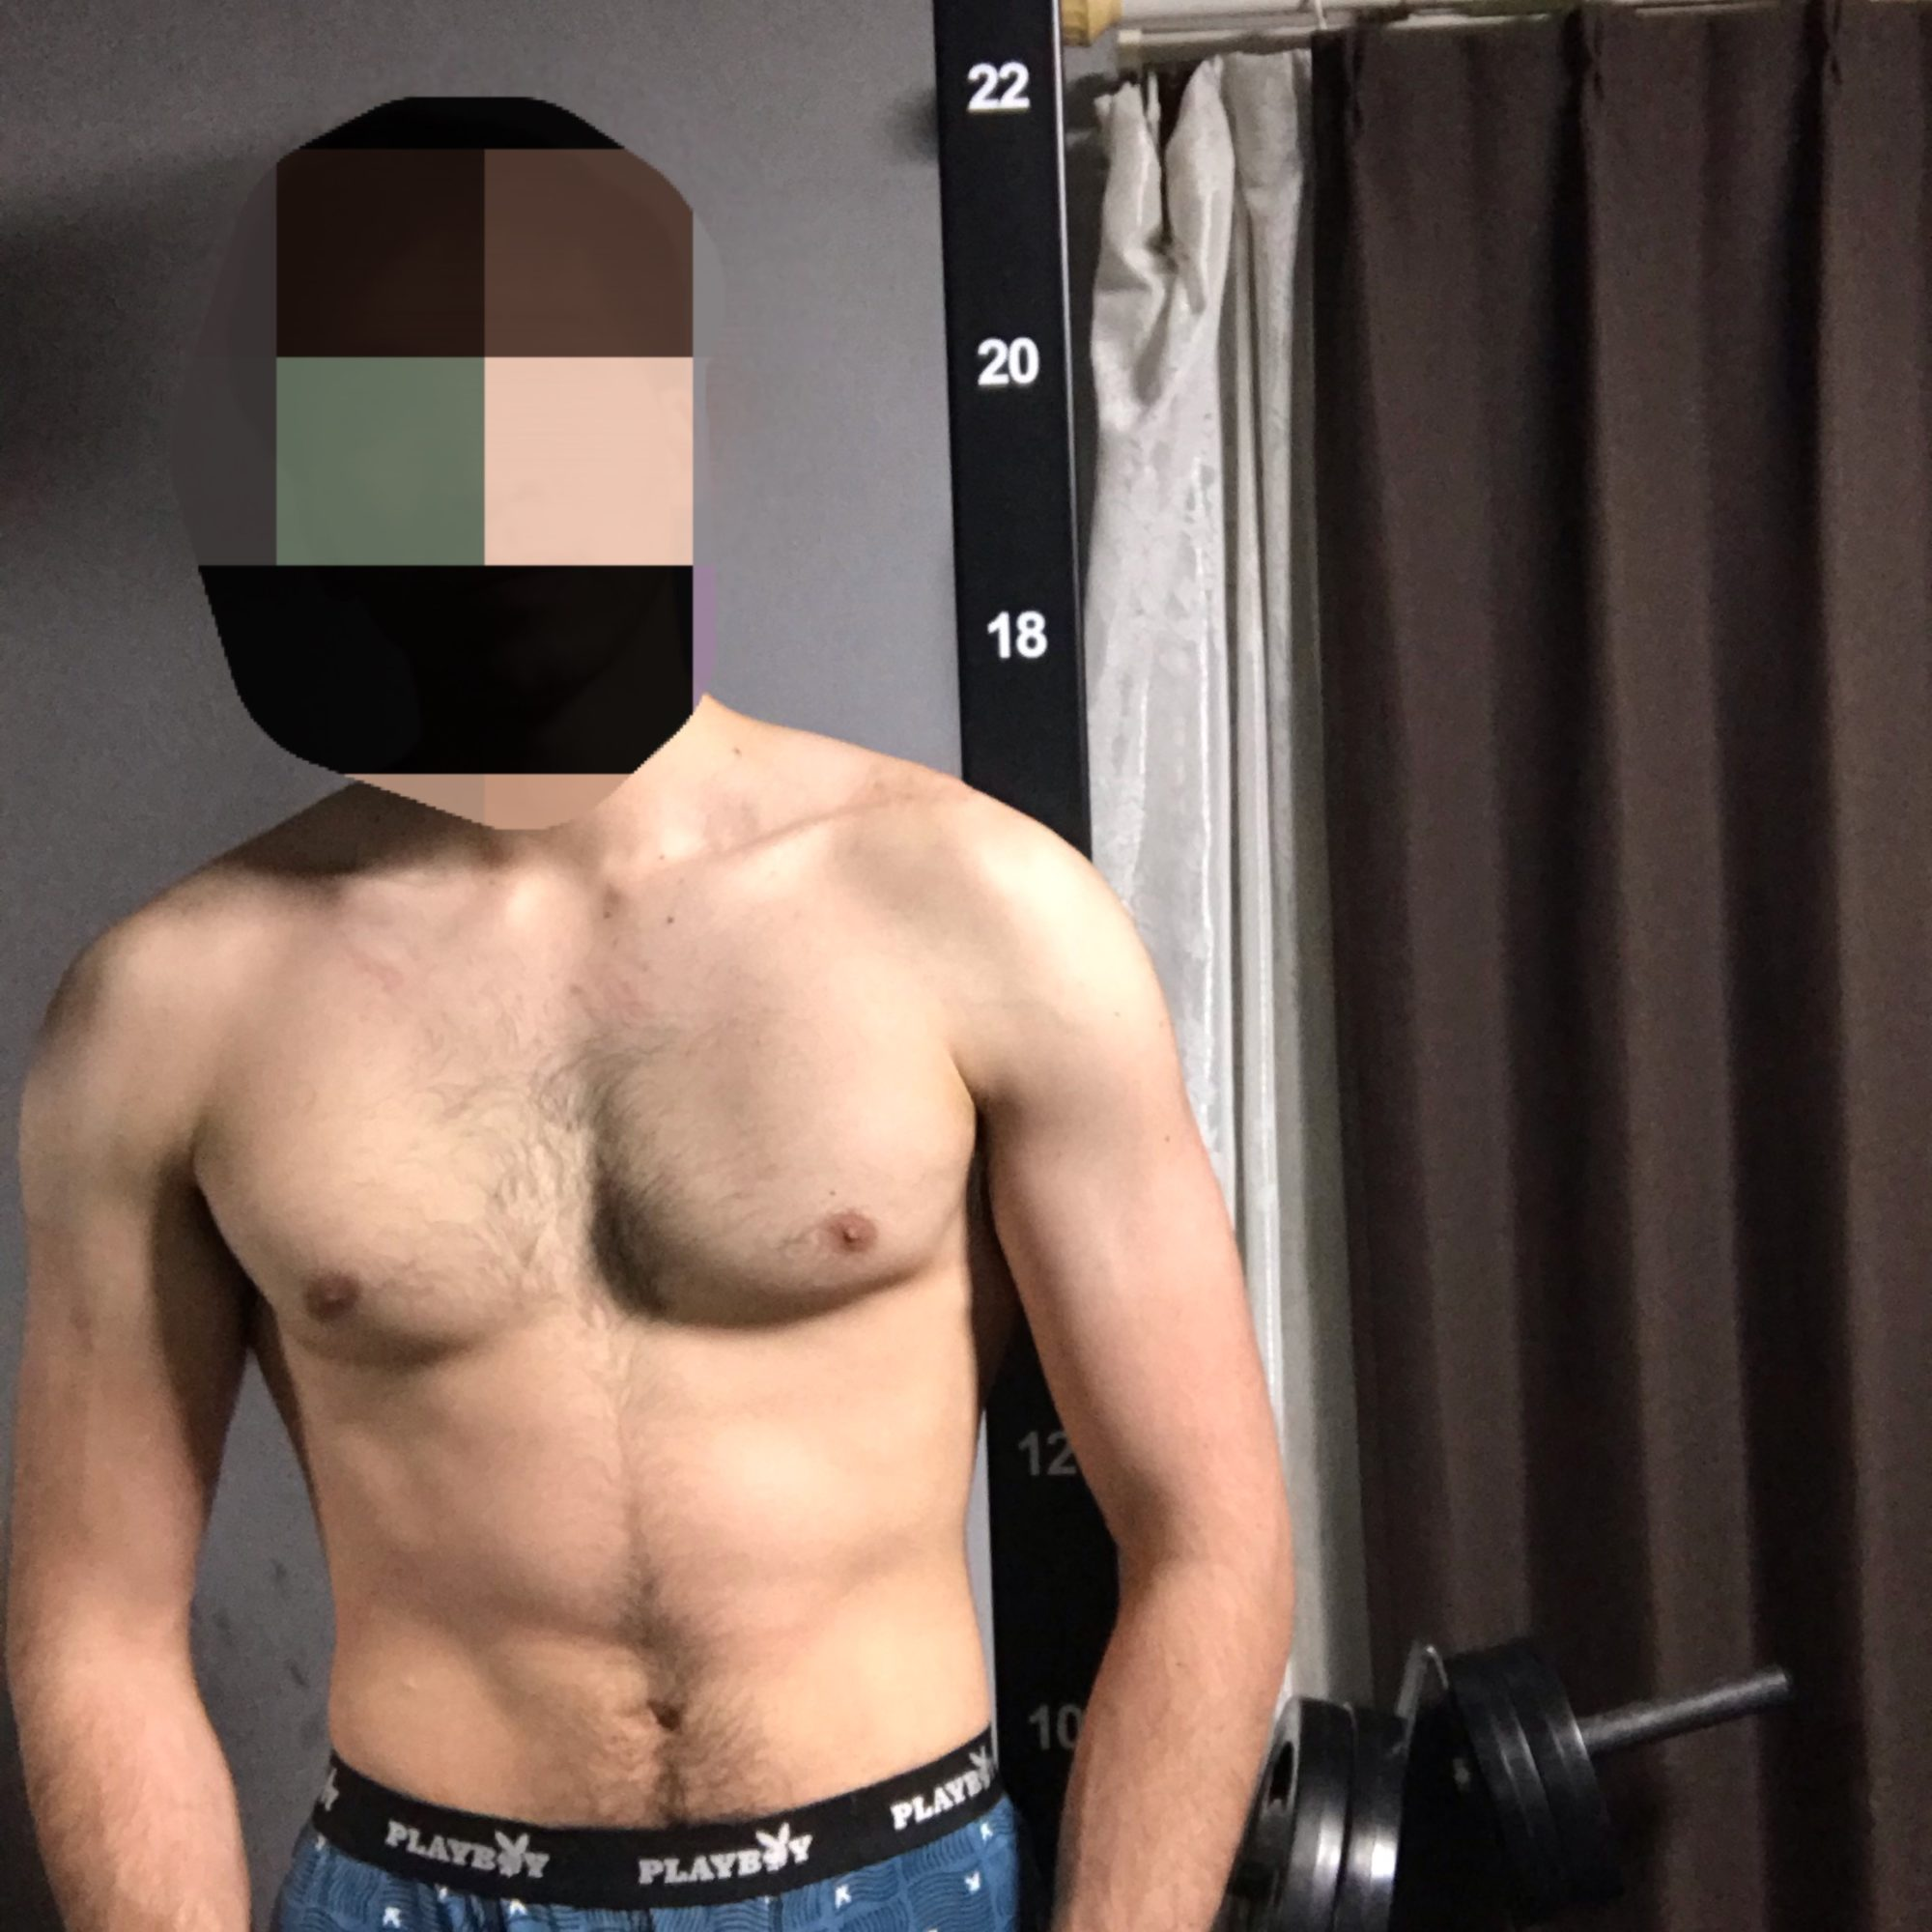 筋トレ九ヶ月目ワイの筋肉【画像あり】